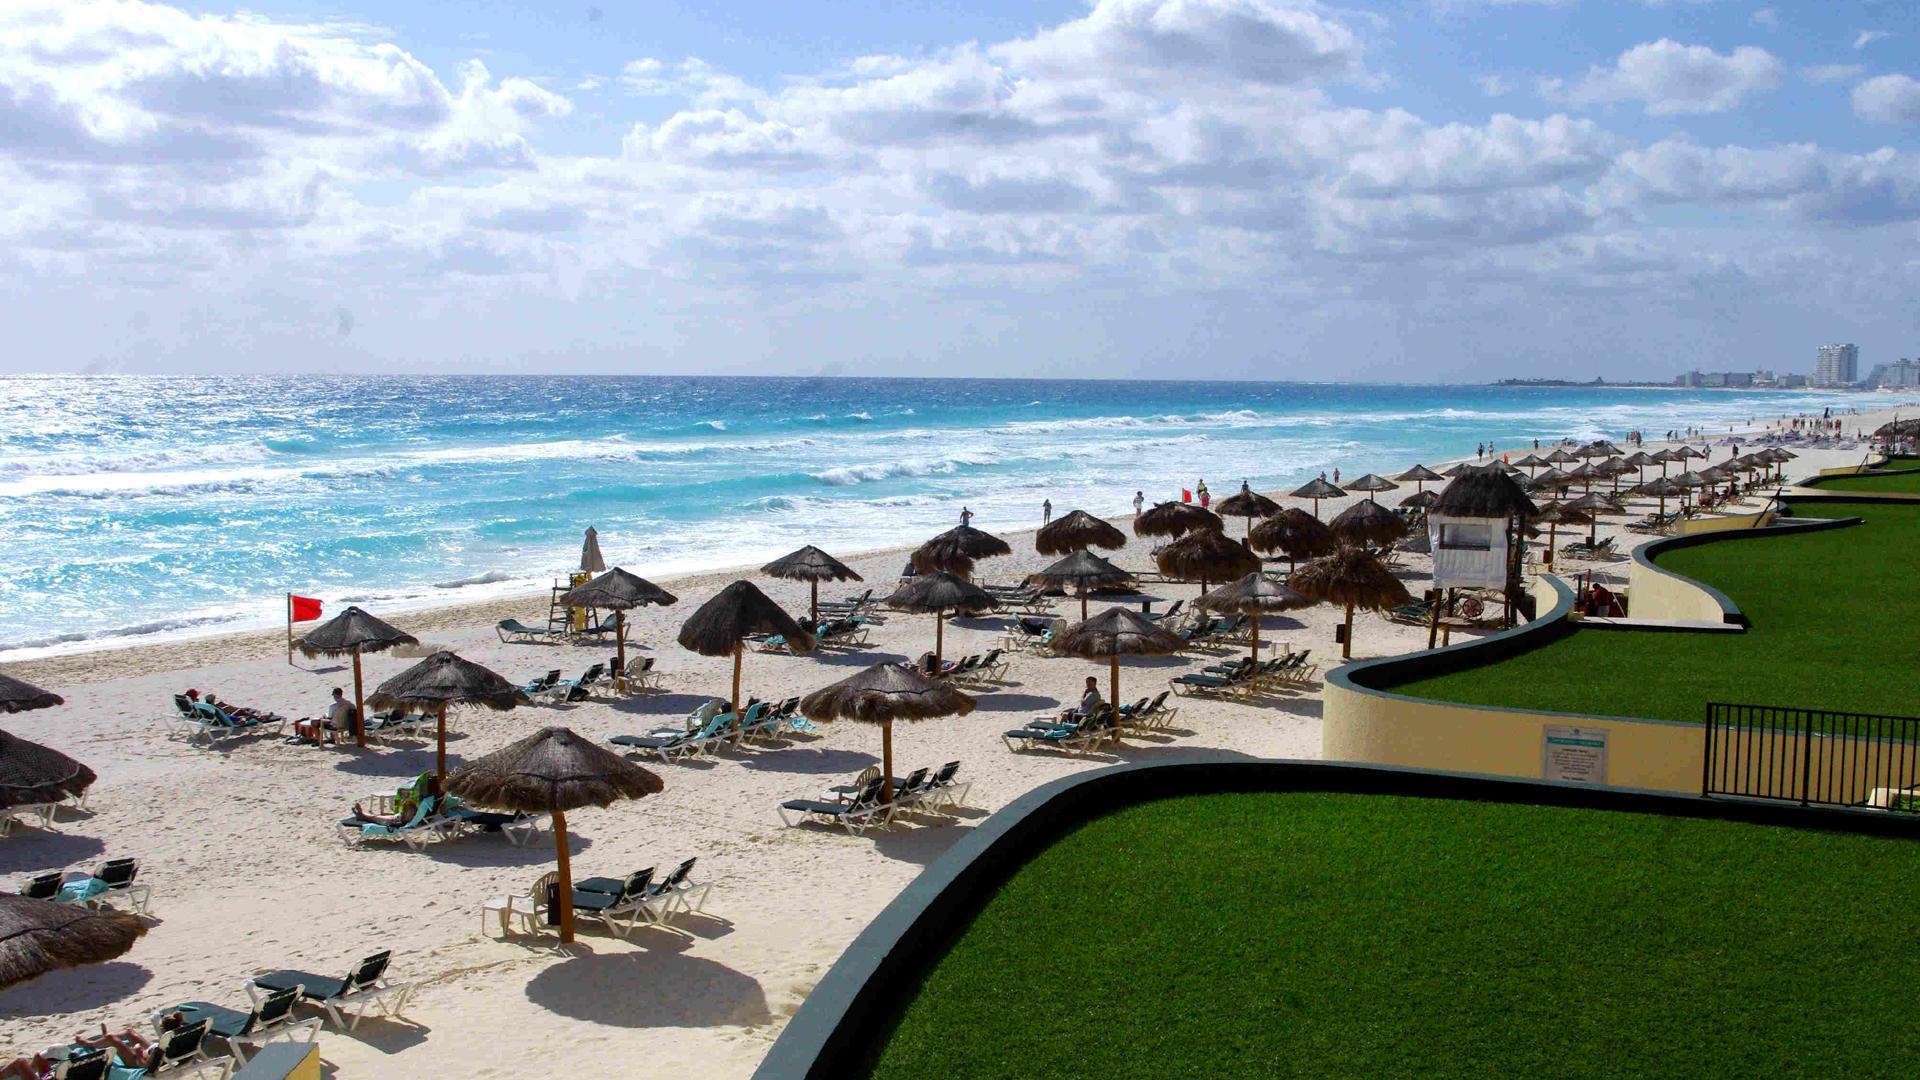 cancun_mexico_1513350979839-159532.jpg04387397